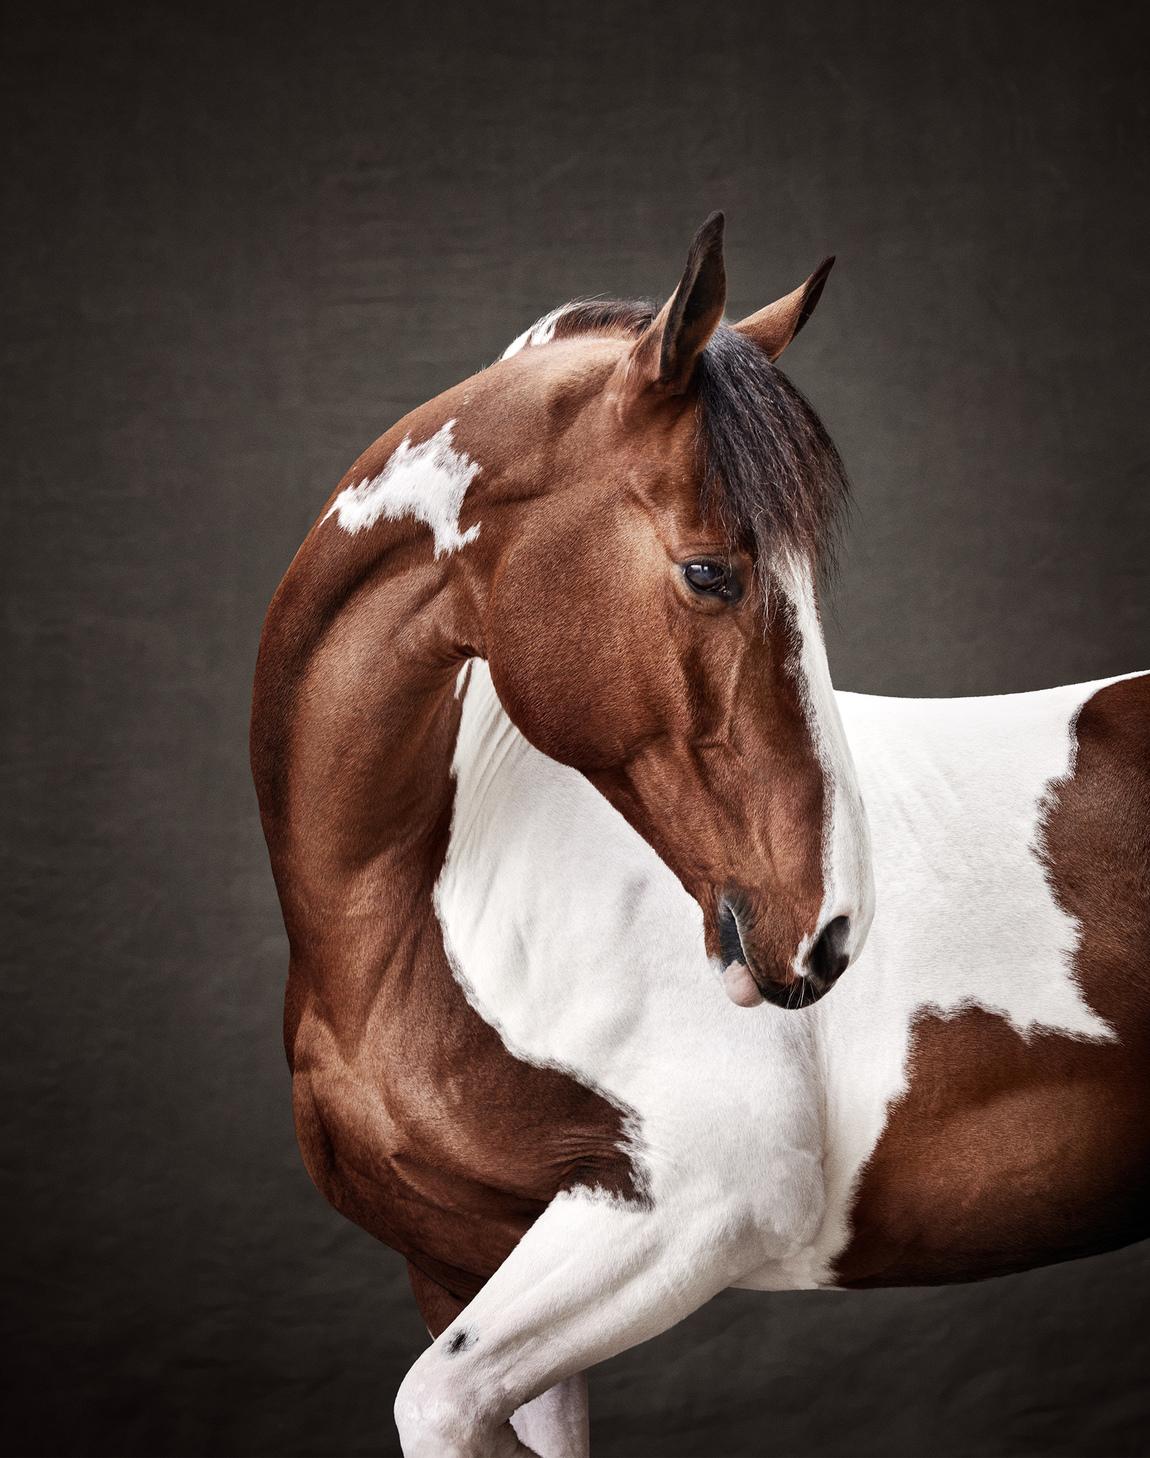 Alexander Crispin - Krafft Horse Nutrition